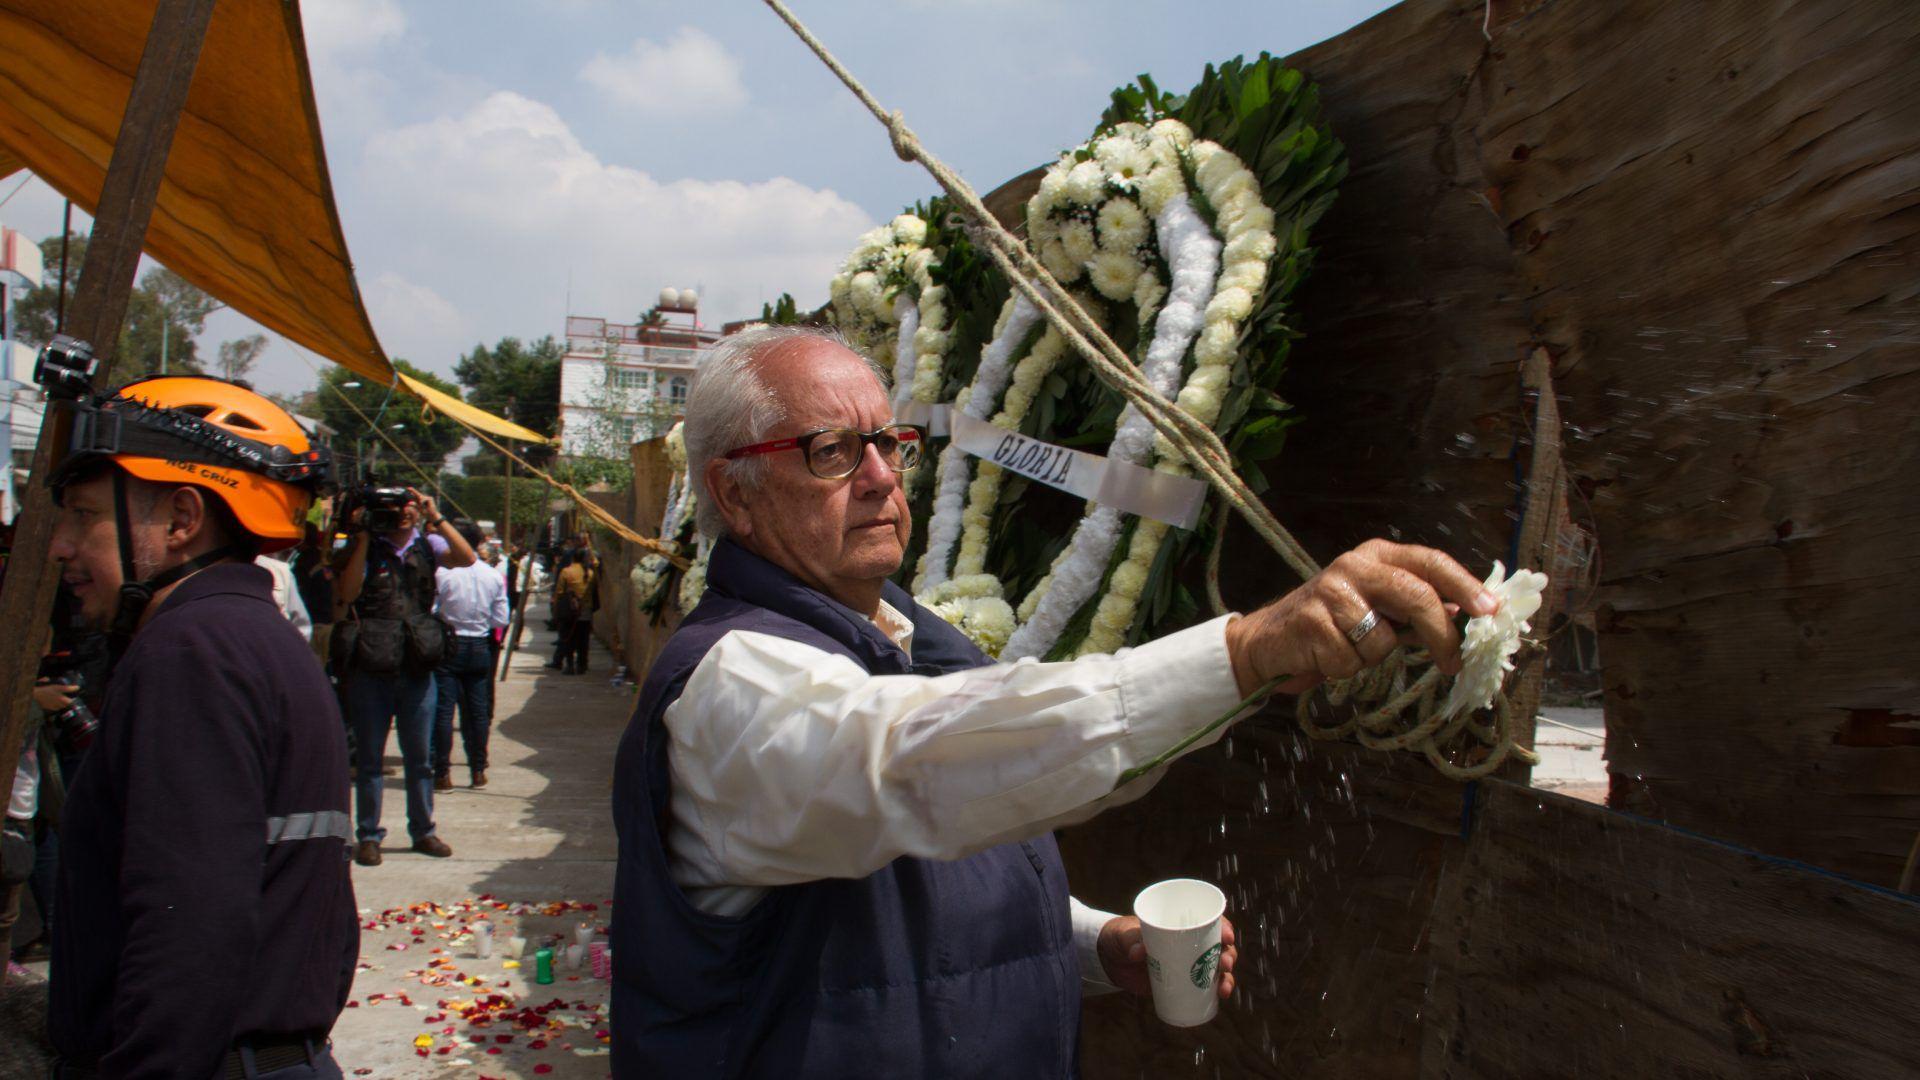 Frente a lo que alguna vez fue el colegio Rébsamen, familiares, vecinos y amigos realizaron una misa para recordar los dos años del sismo donde 26 personas, 19 de ellos niños, perdieron la vida en el lugar (Foto: Cuartoscuro)